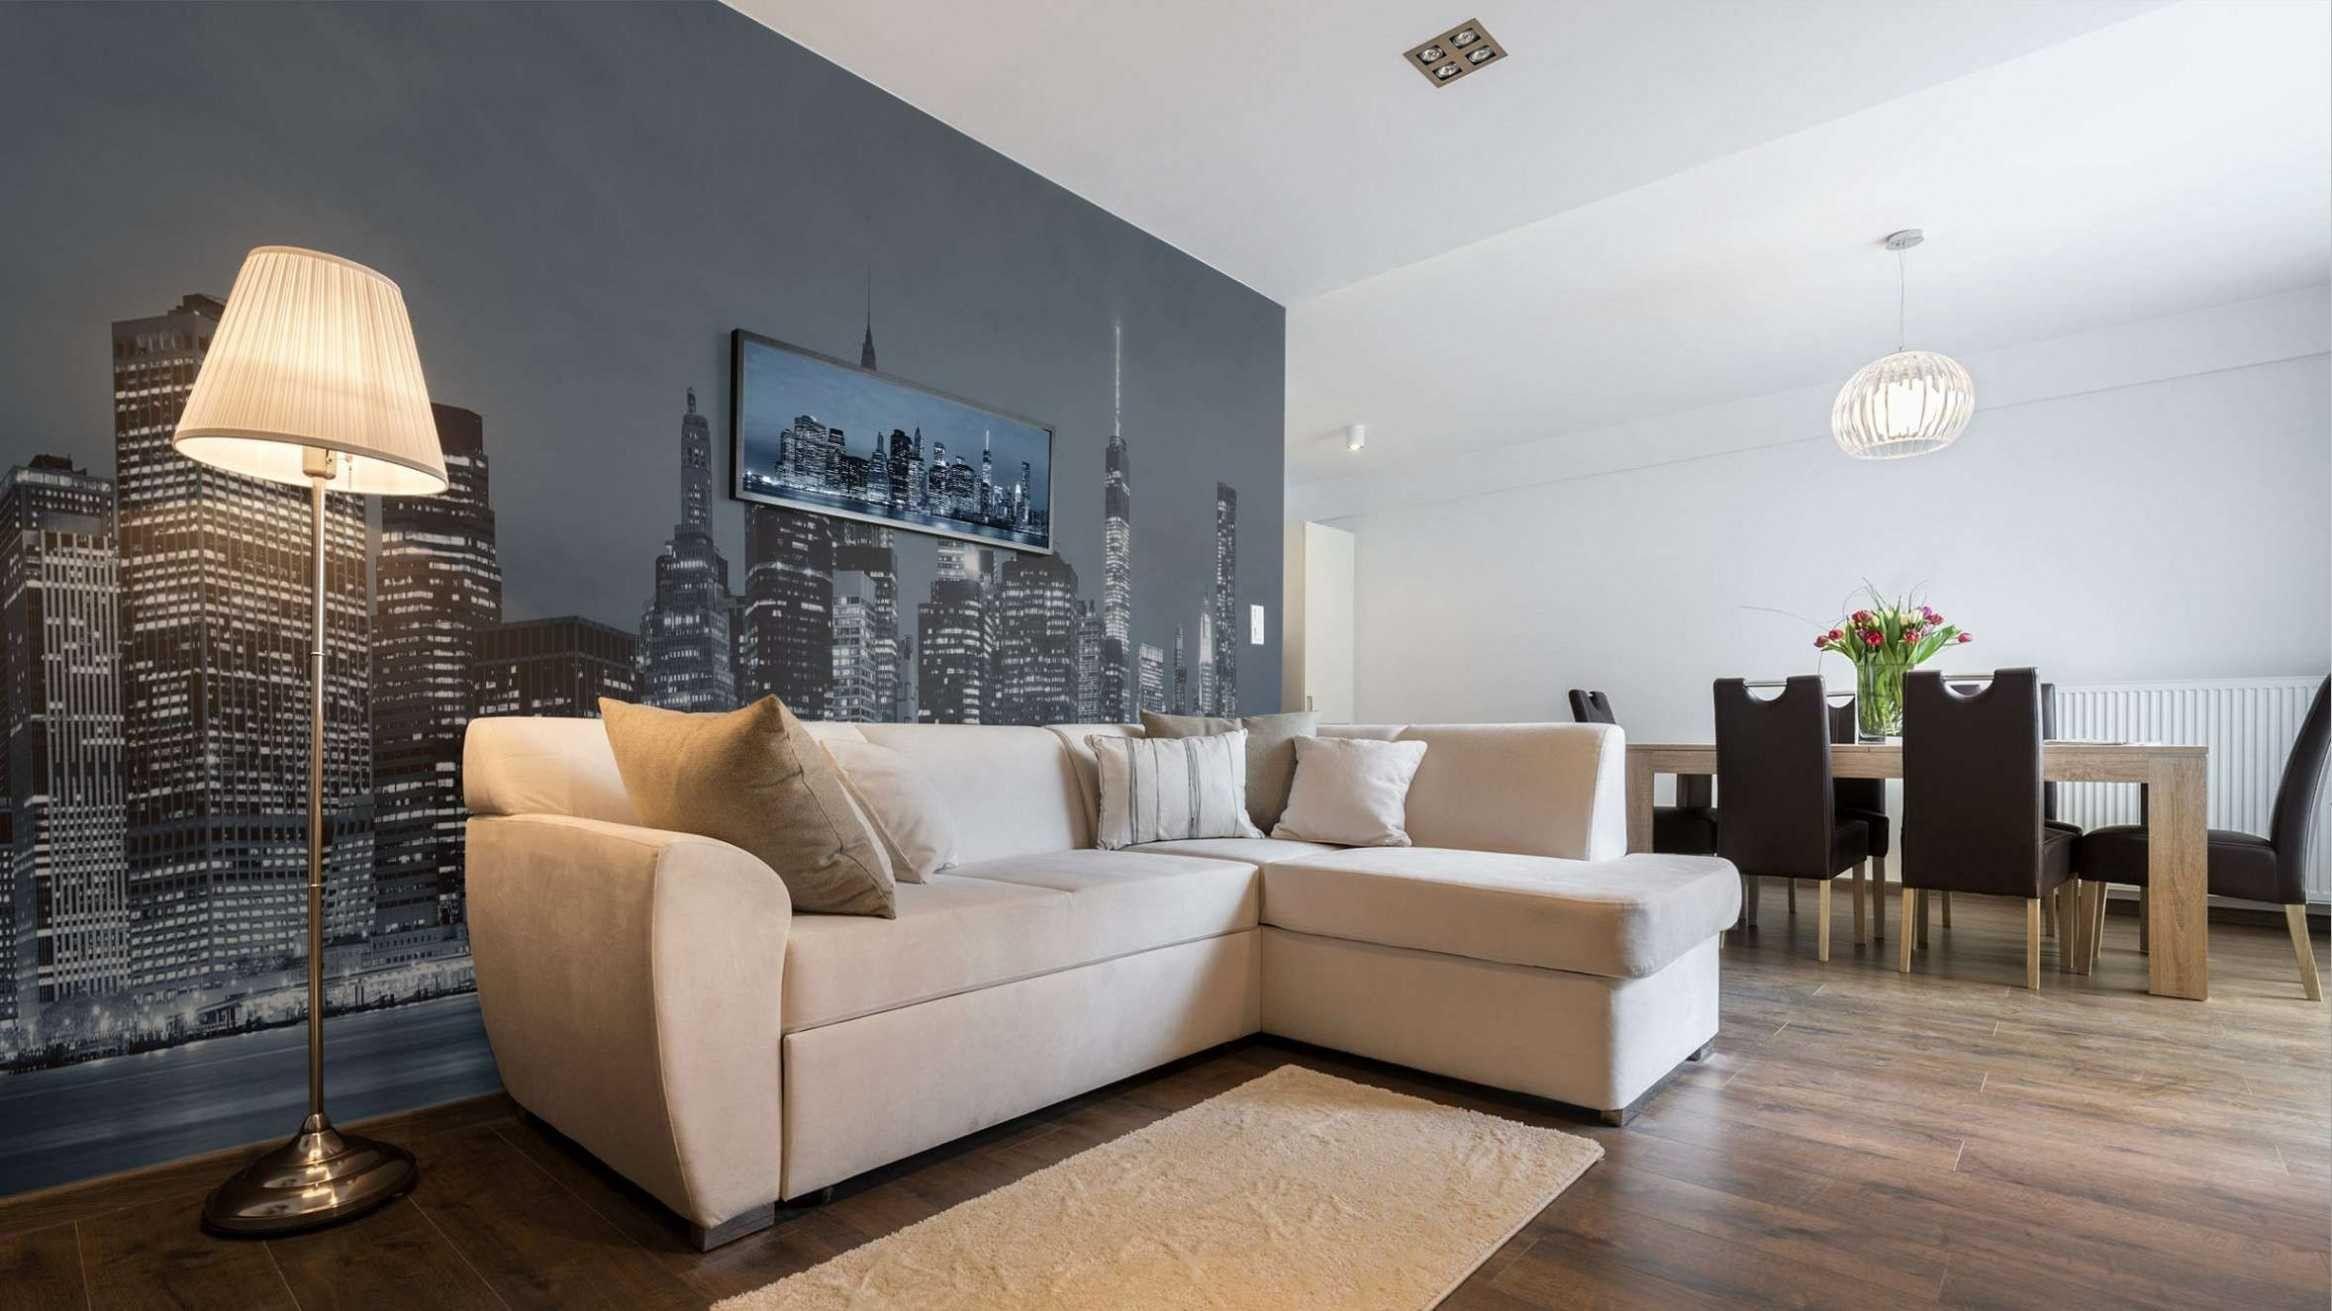 32 neu wandfarben wohnzimmer beispiele #wohnzimmerideen